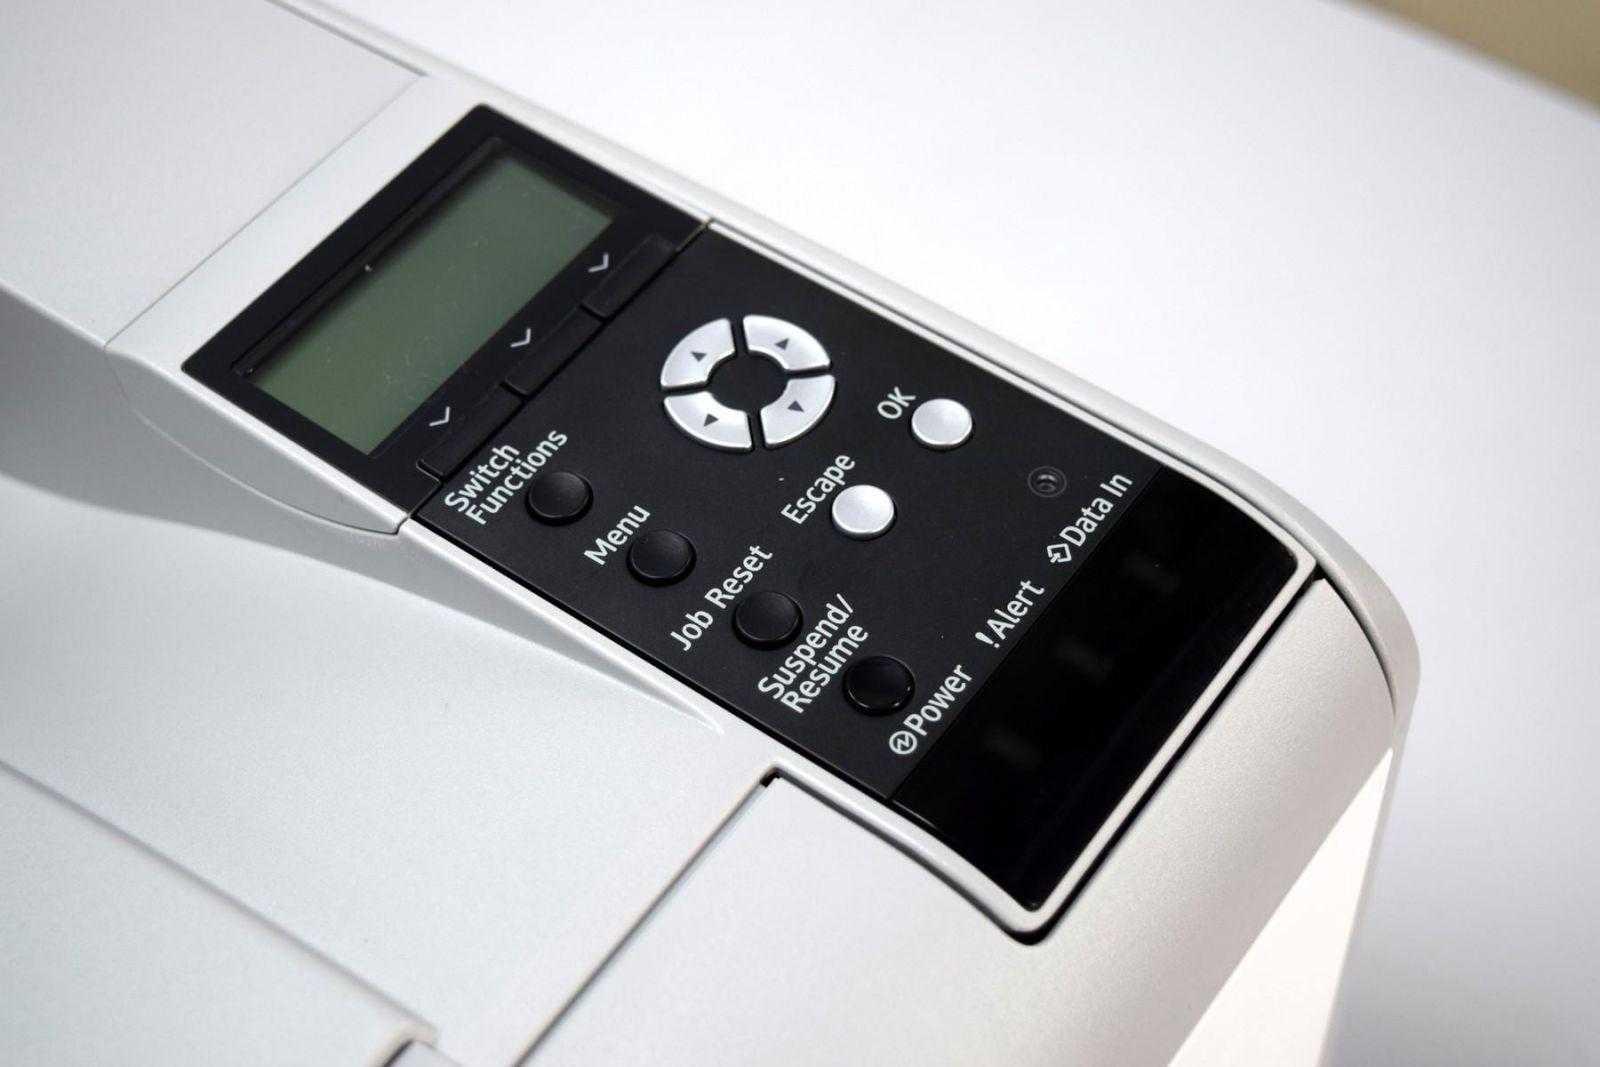 Обзор принтера Ricoh SP 450DN. Быстрая печать для офиса (DSC 0764)